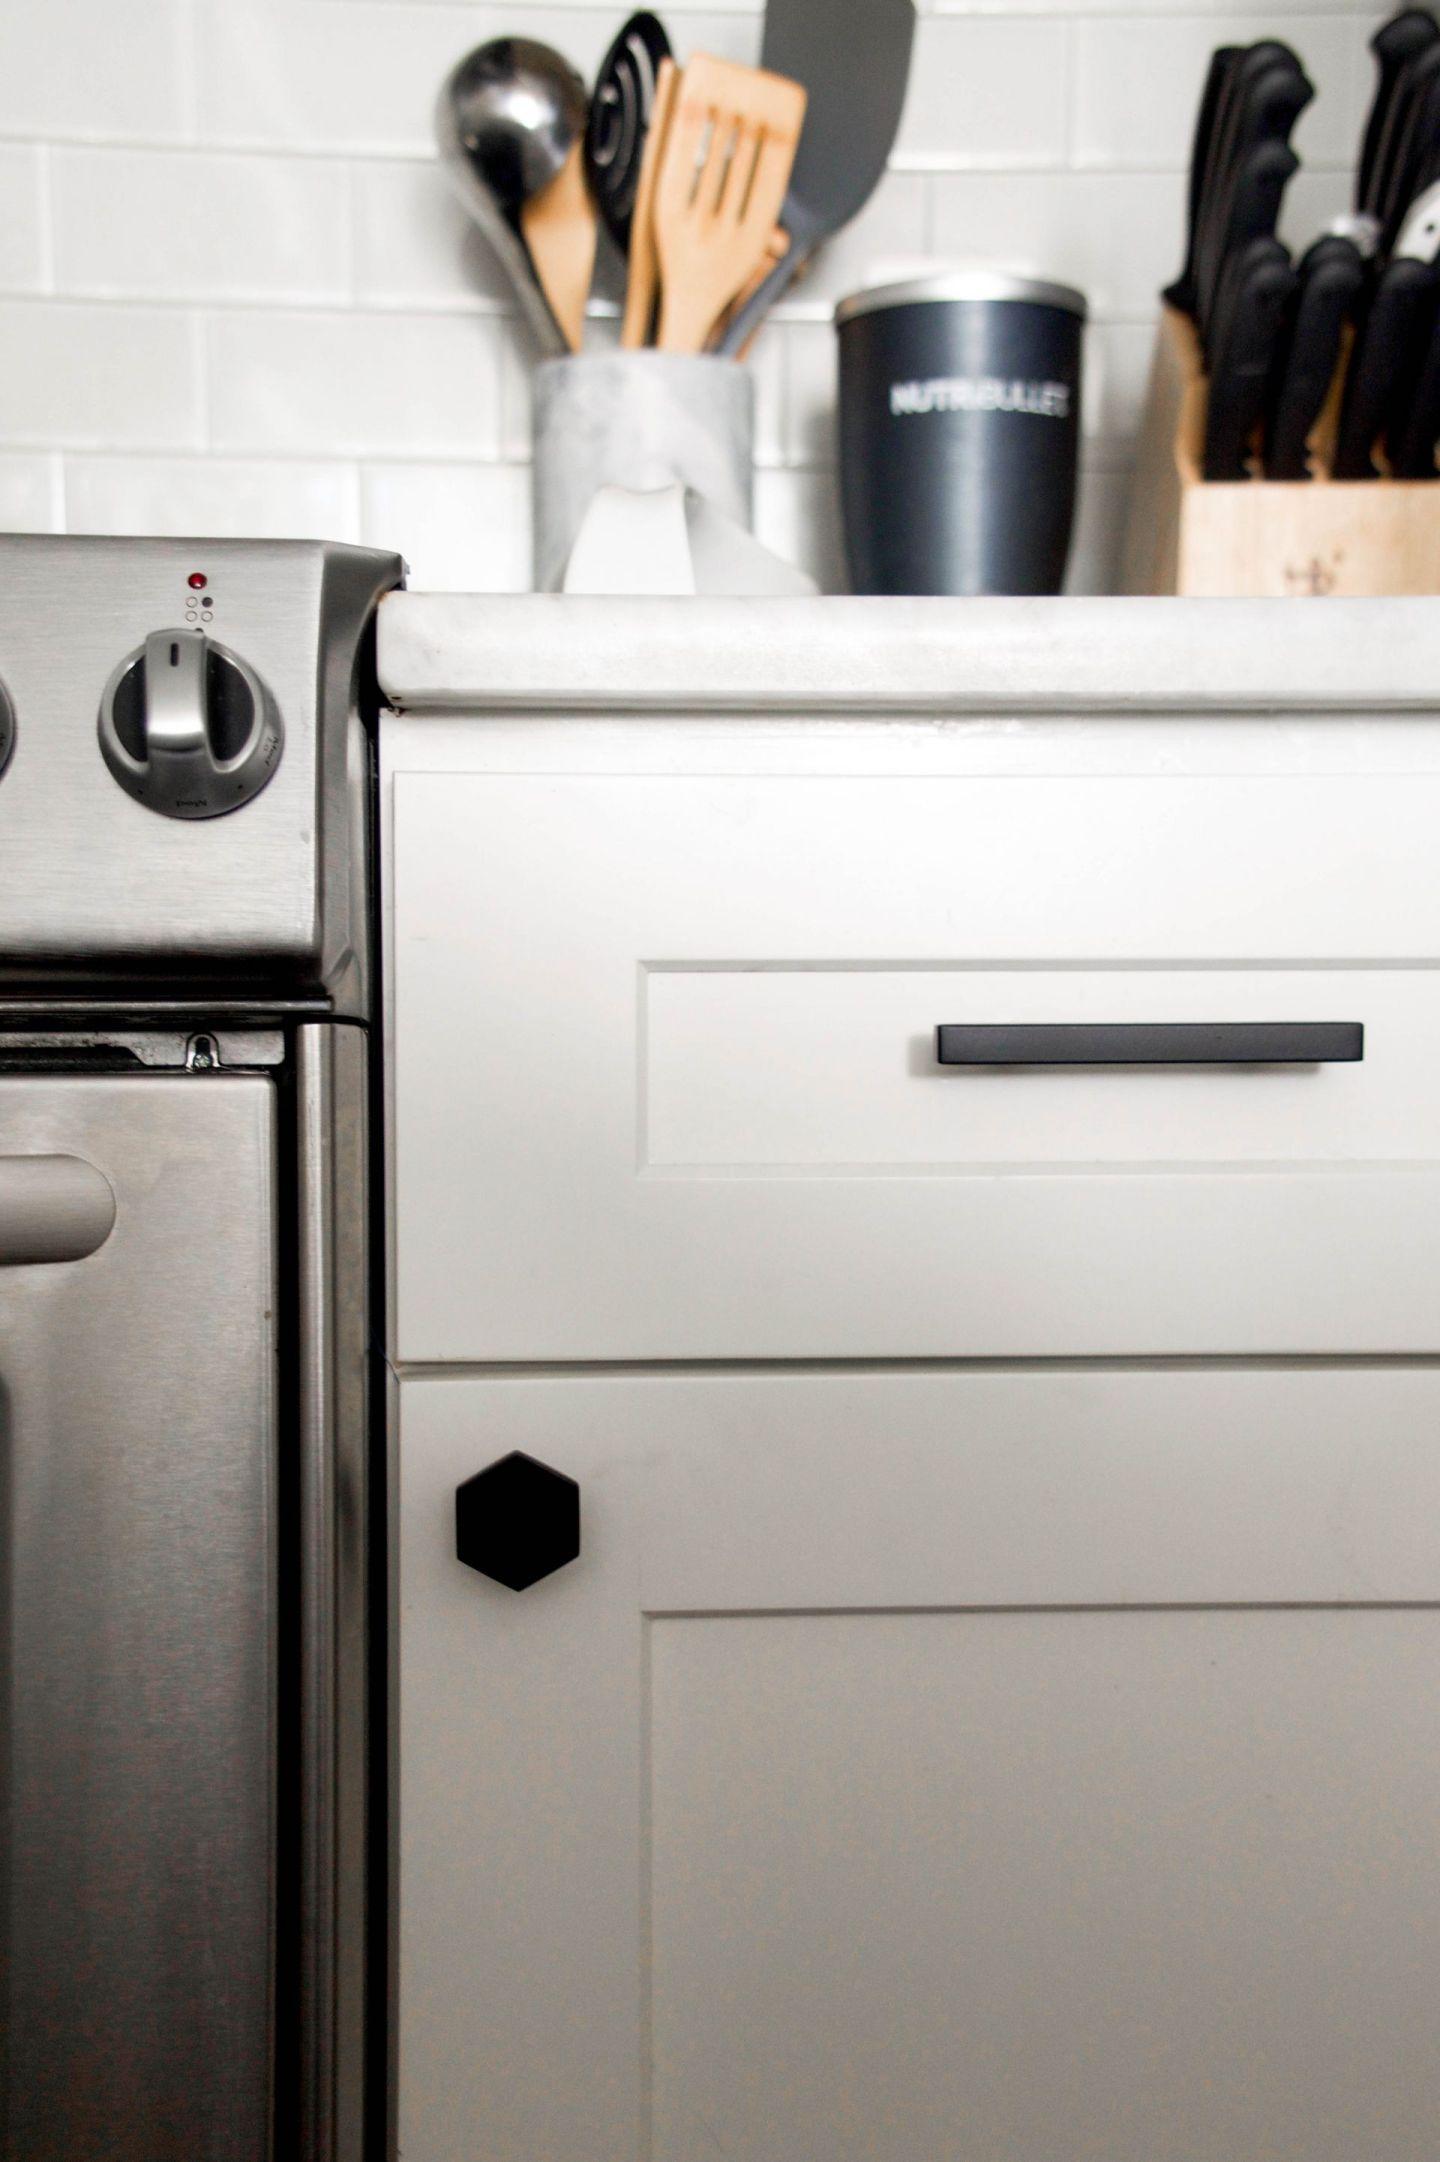 cb2 cabinet hardware - cb2 hex knob - update kitchen hardware